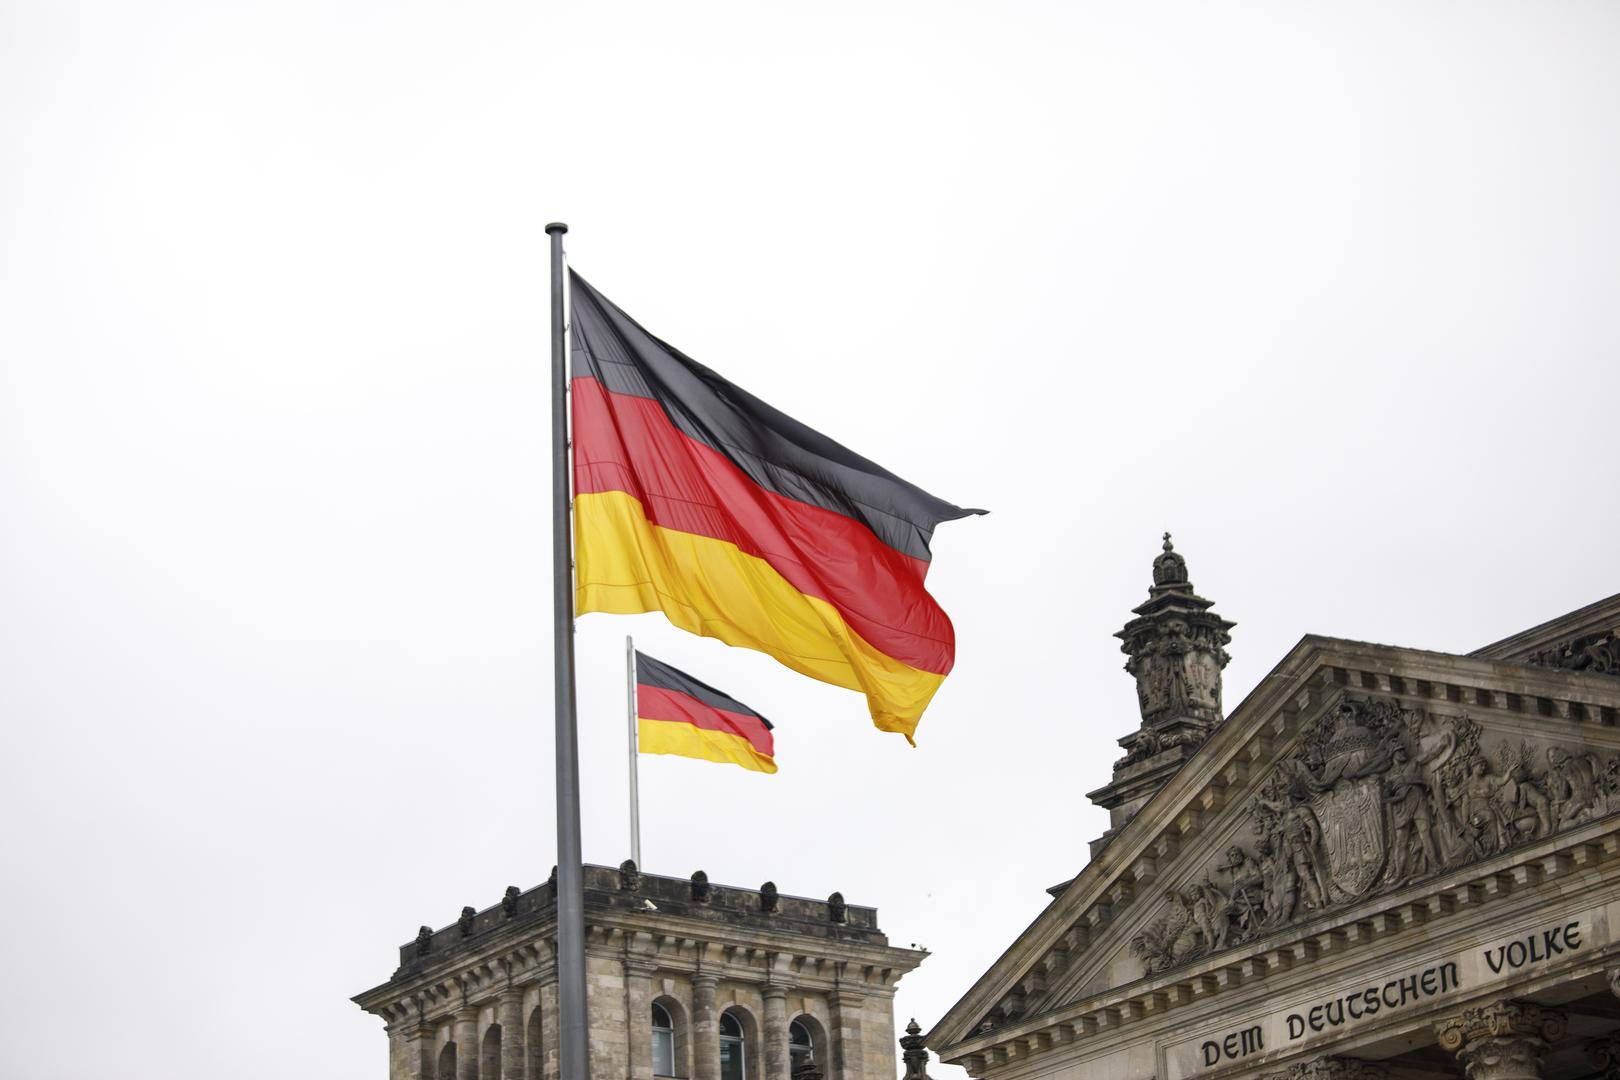 الحكومة الألمانية تحث نشطاء المناخ المضربين عن الطعام على عدم المخاطرة بصحتهم